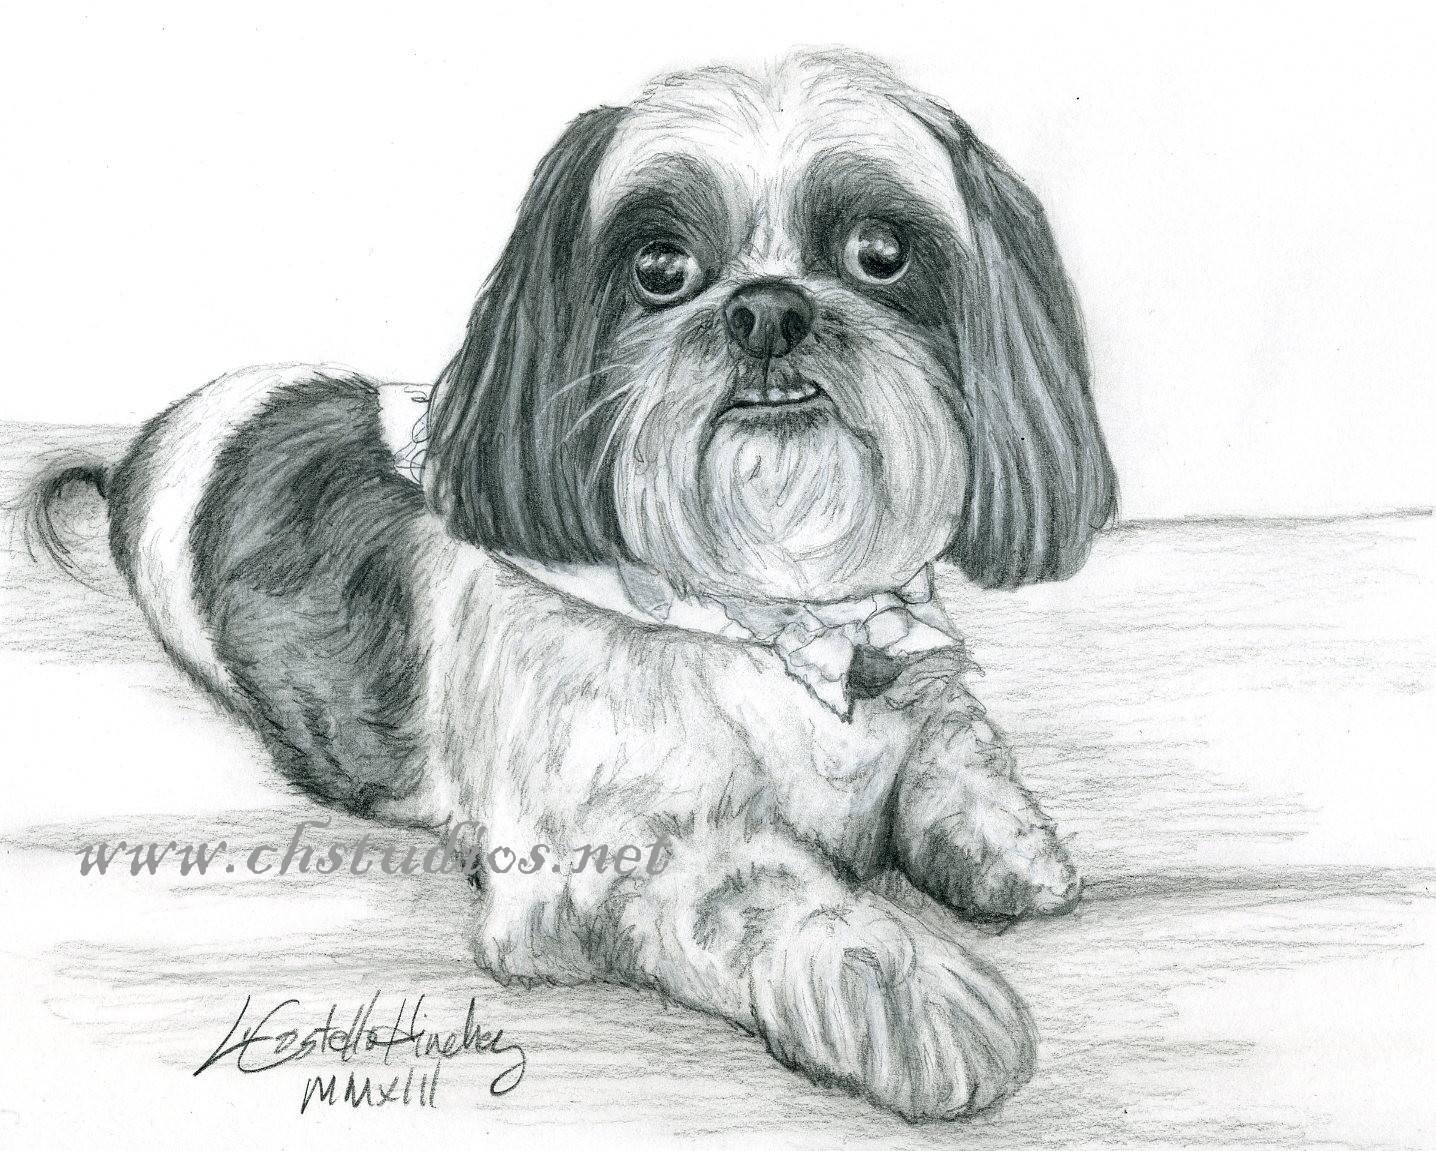 Rascal Pet Portrait Commission